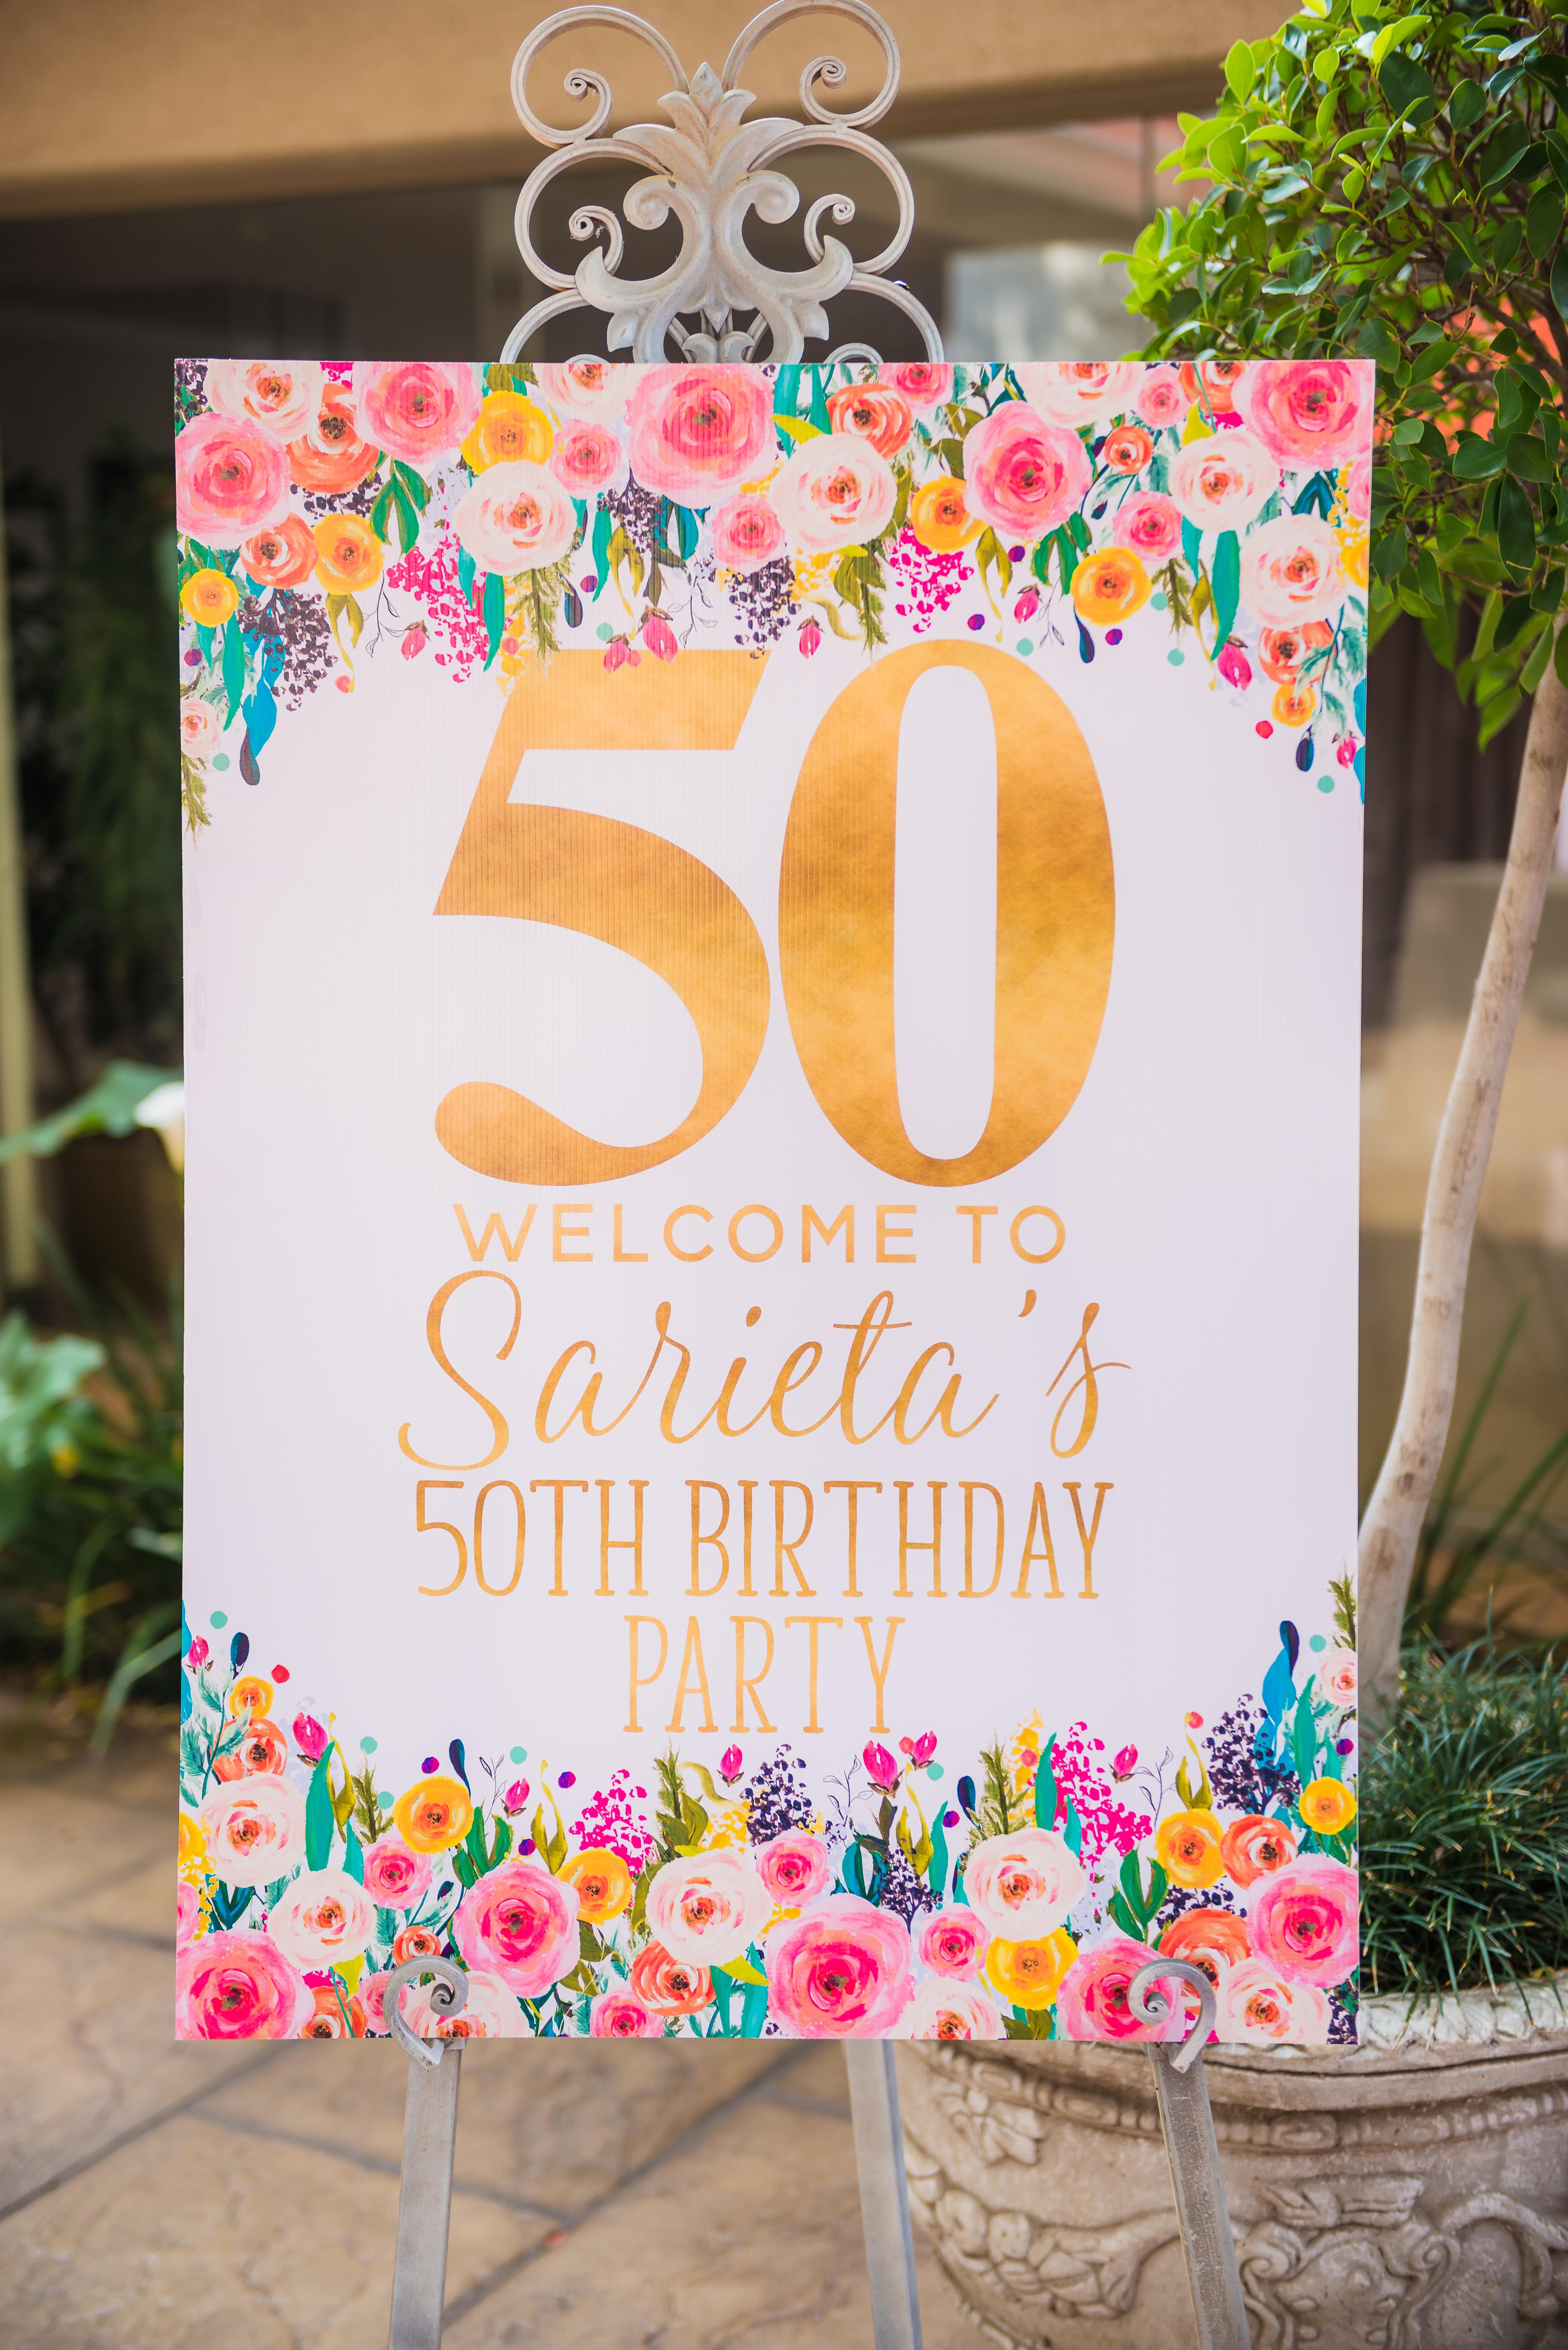 sneak-peak-sarieta-birthday-party-syrene-0001